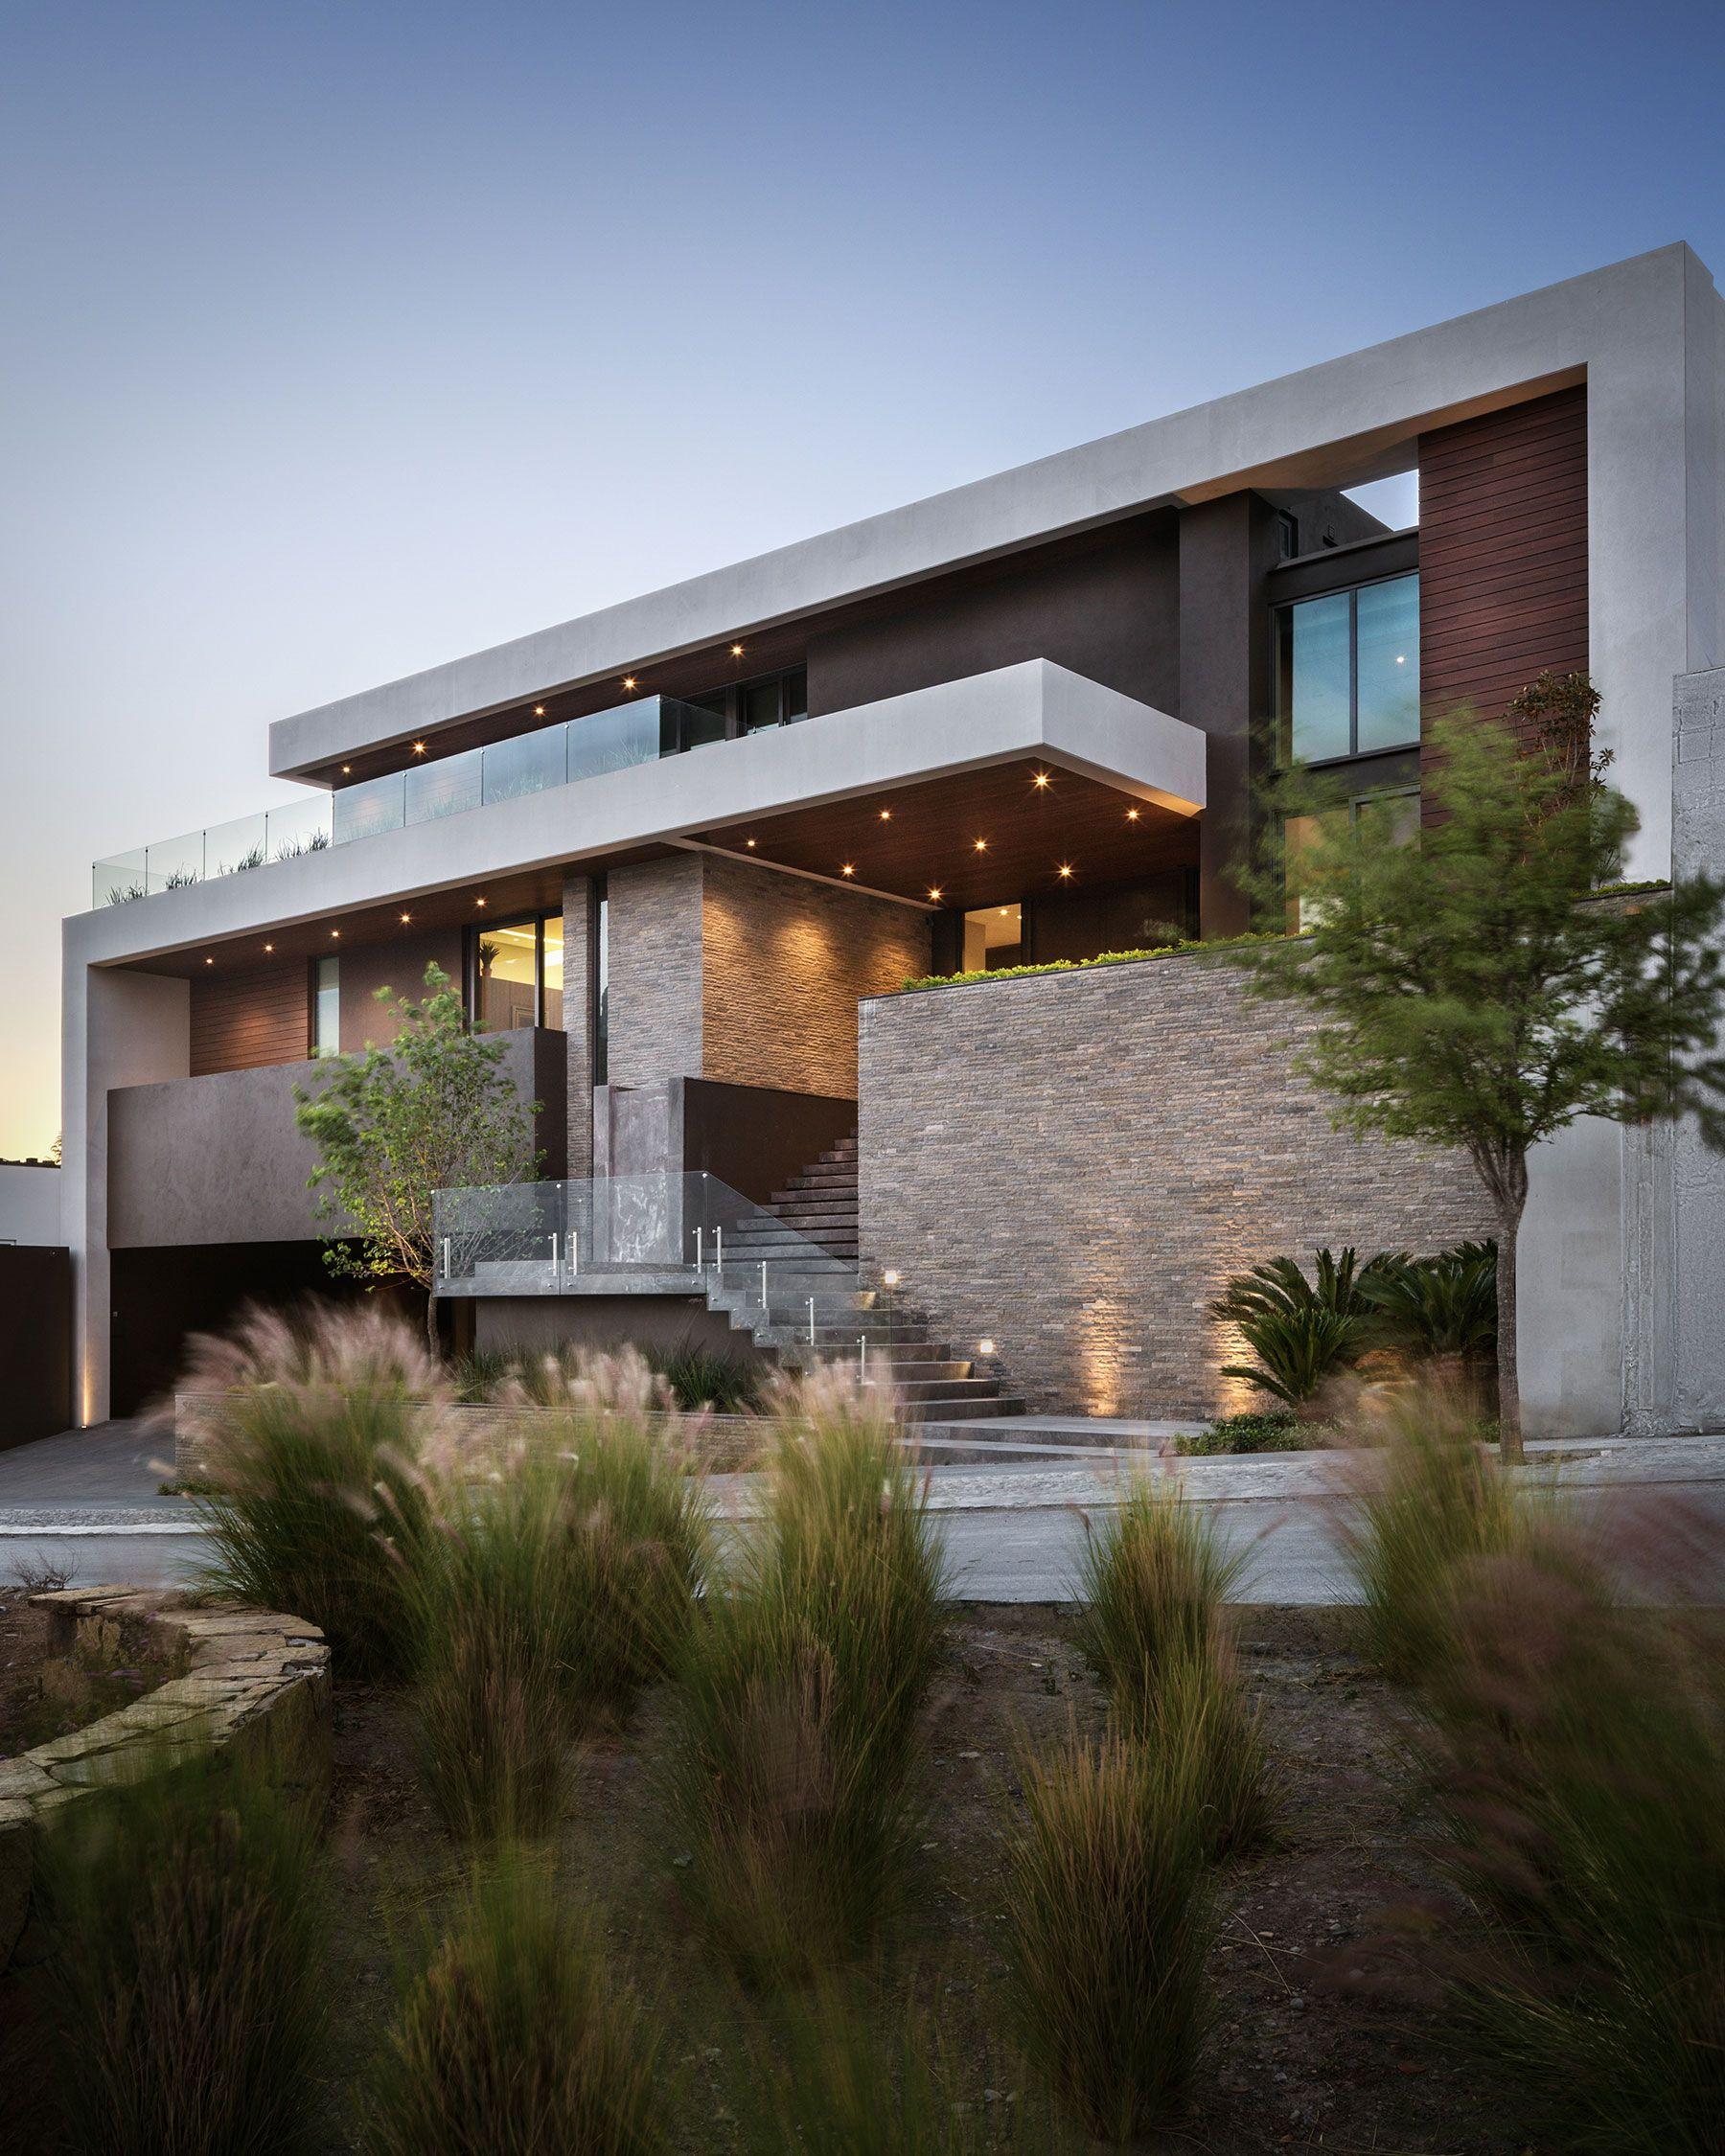 Colores fachadas casas modernas interiores casas for Mejores fachadas de casas modernas